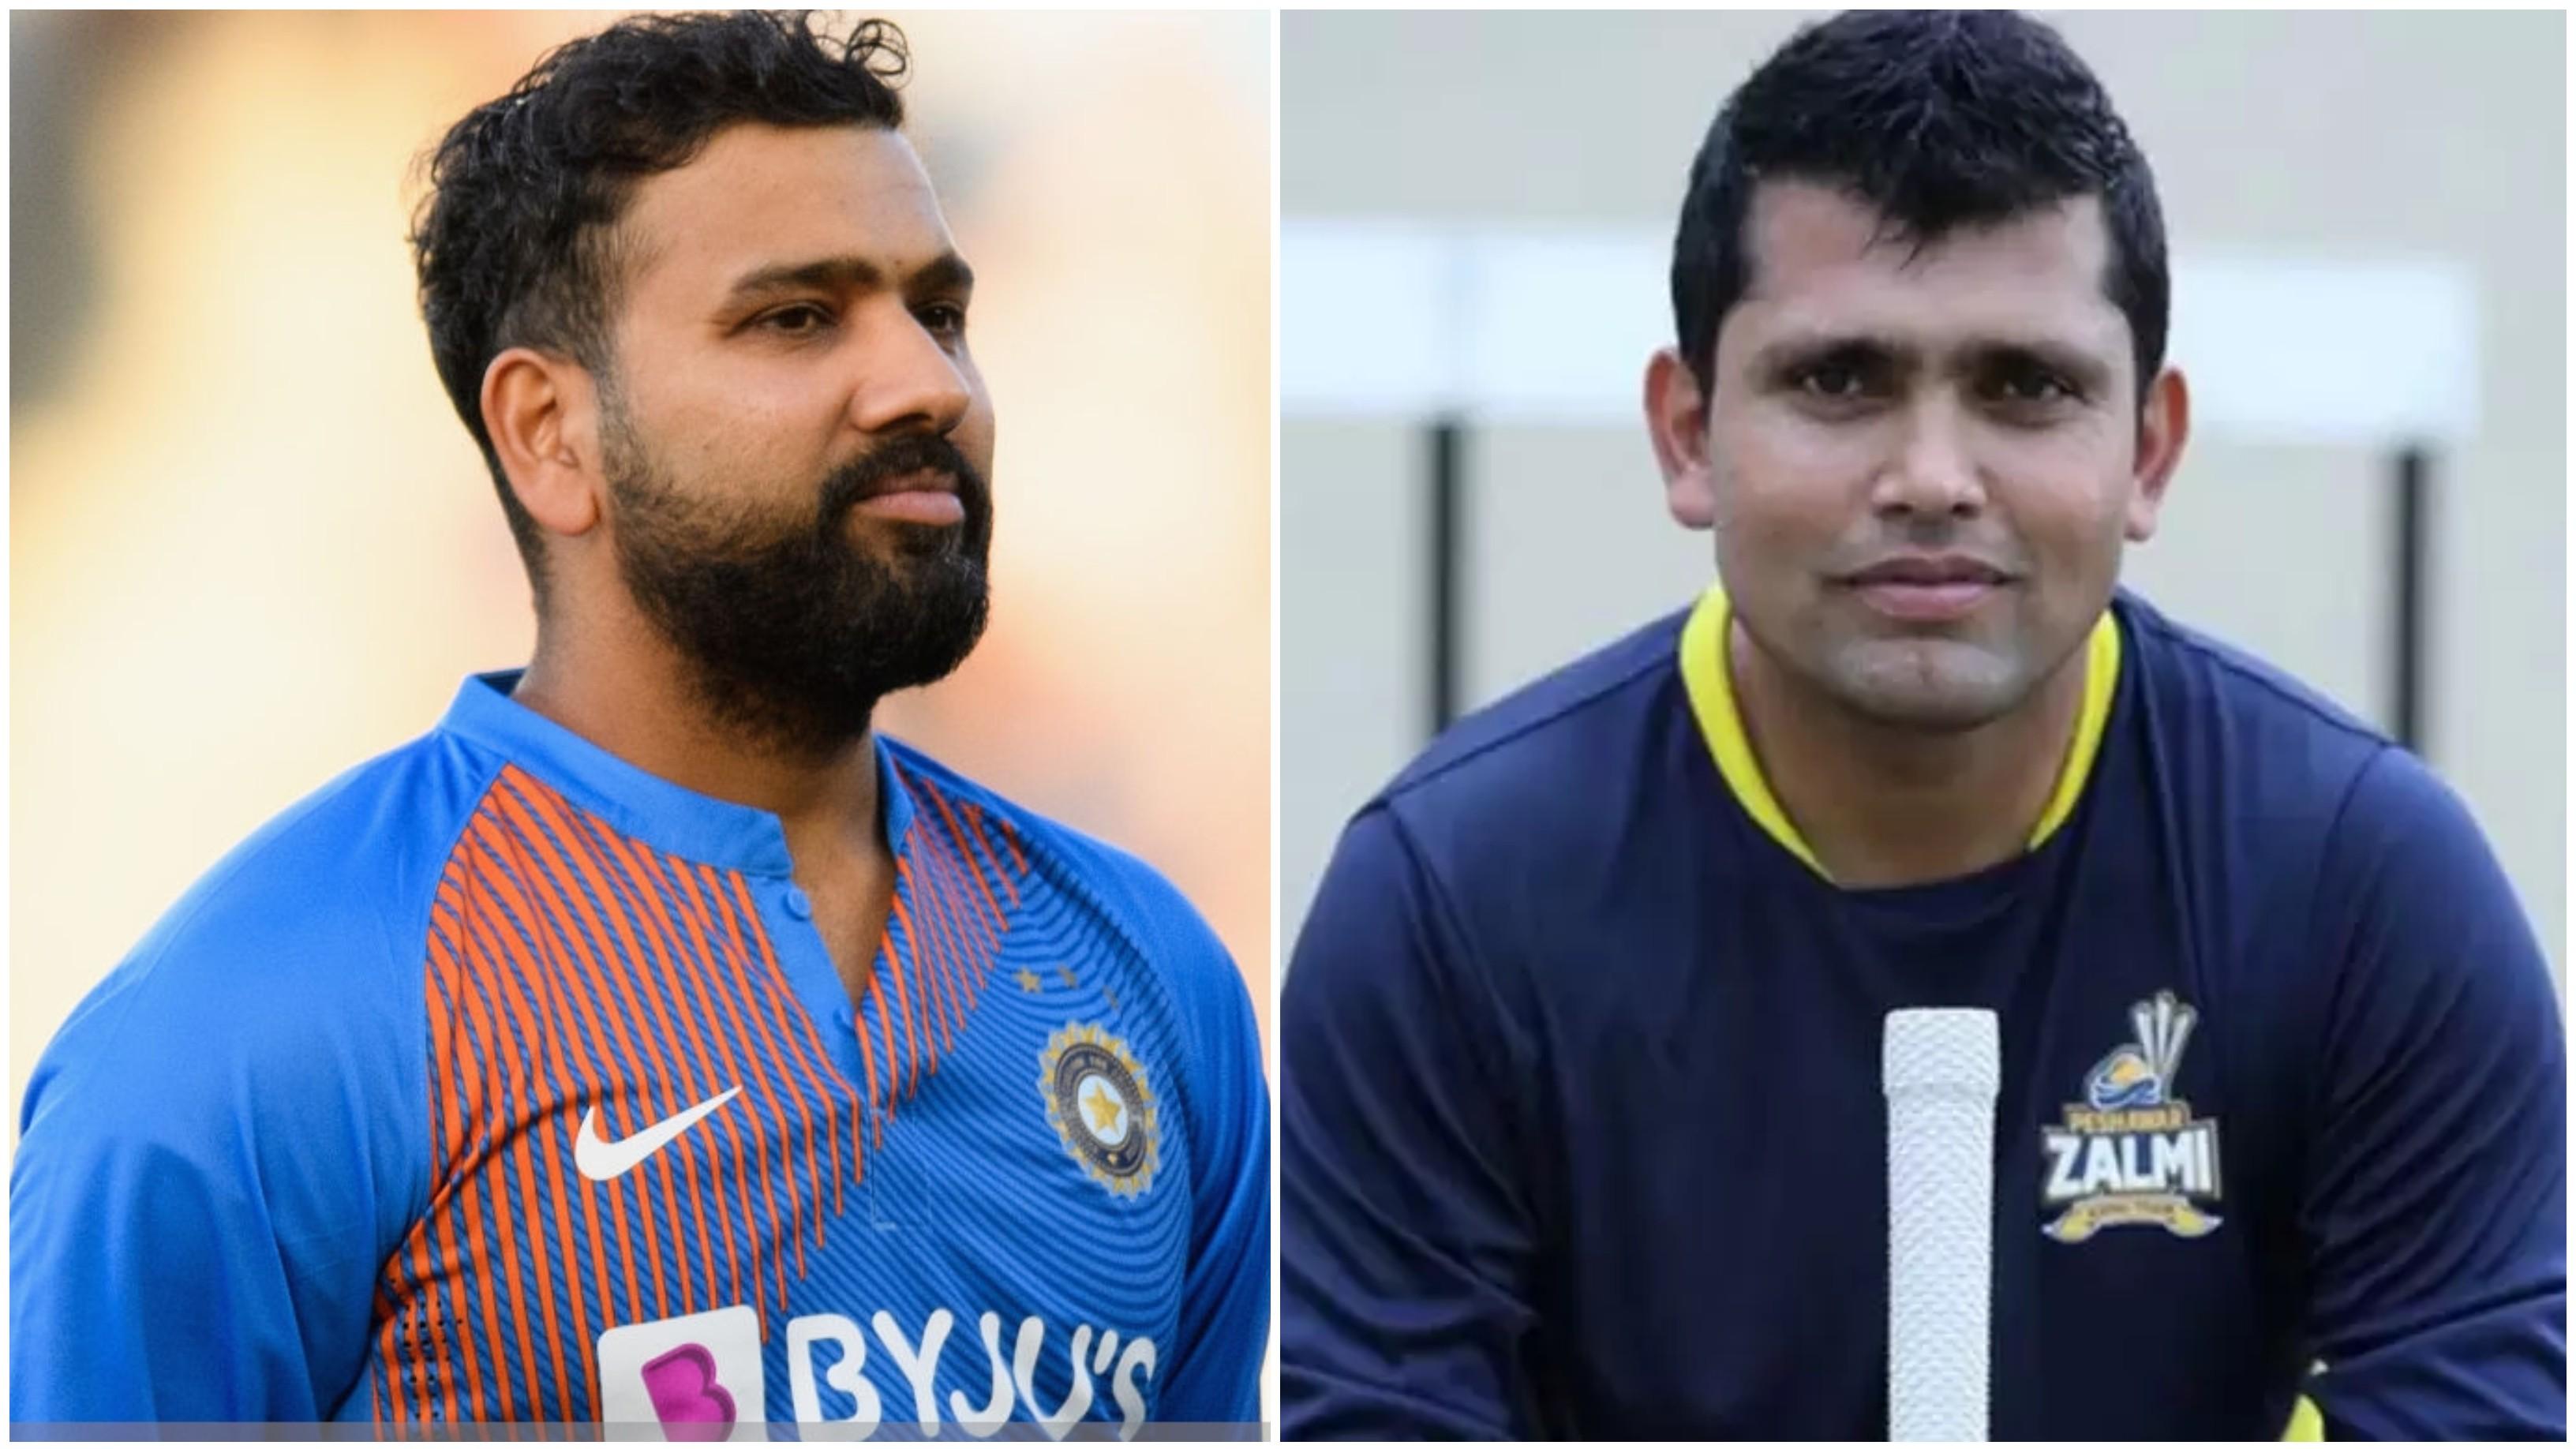 कामरान अकमल ने रोहित शर्मा को बताया सबसे बेहतर छक्के लगाने वाला बल्लेबाज